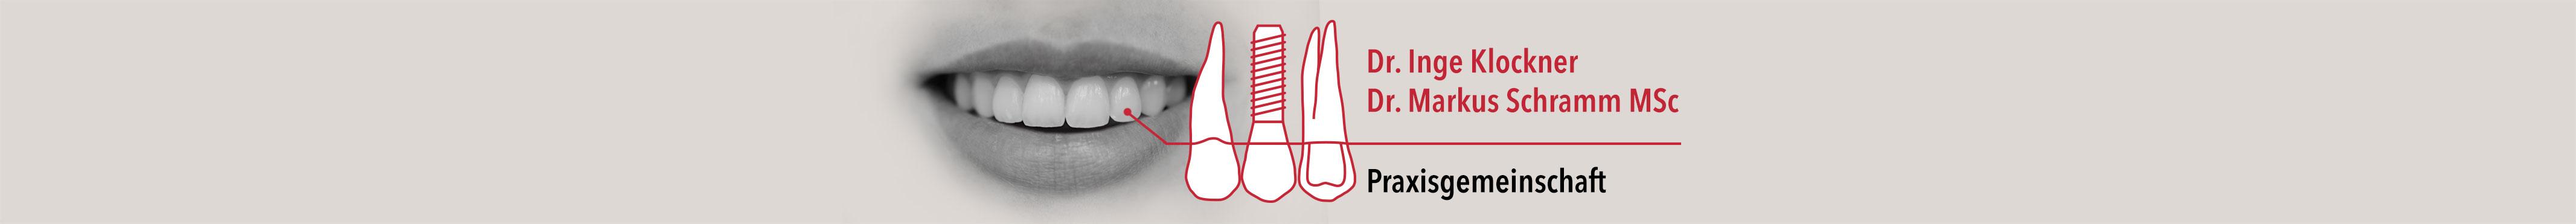 Zahnarztpraxis Dr. Inge Klockner und Markus Schramm - Gemeinschaftspraxis für Zahnmedizin